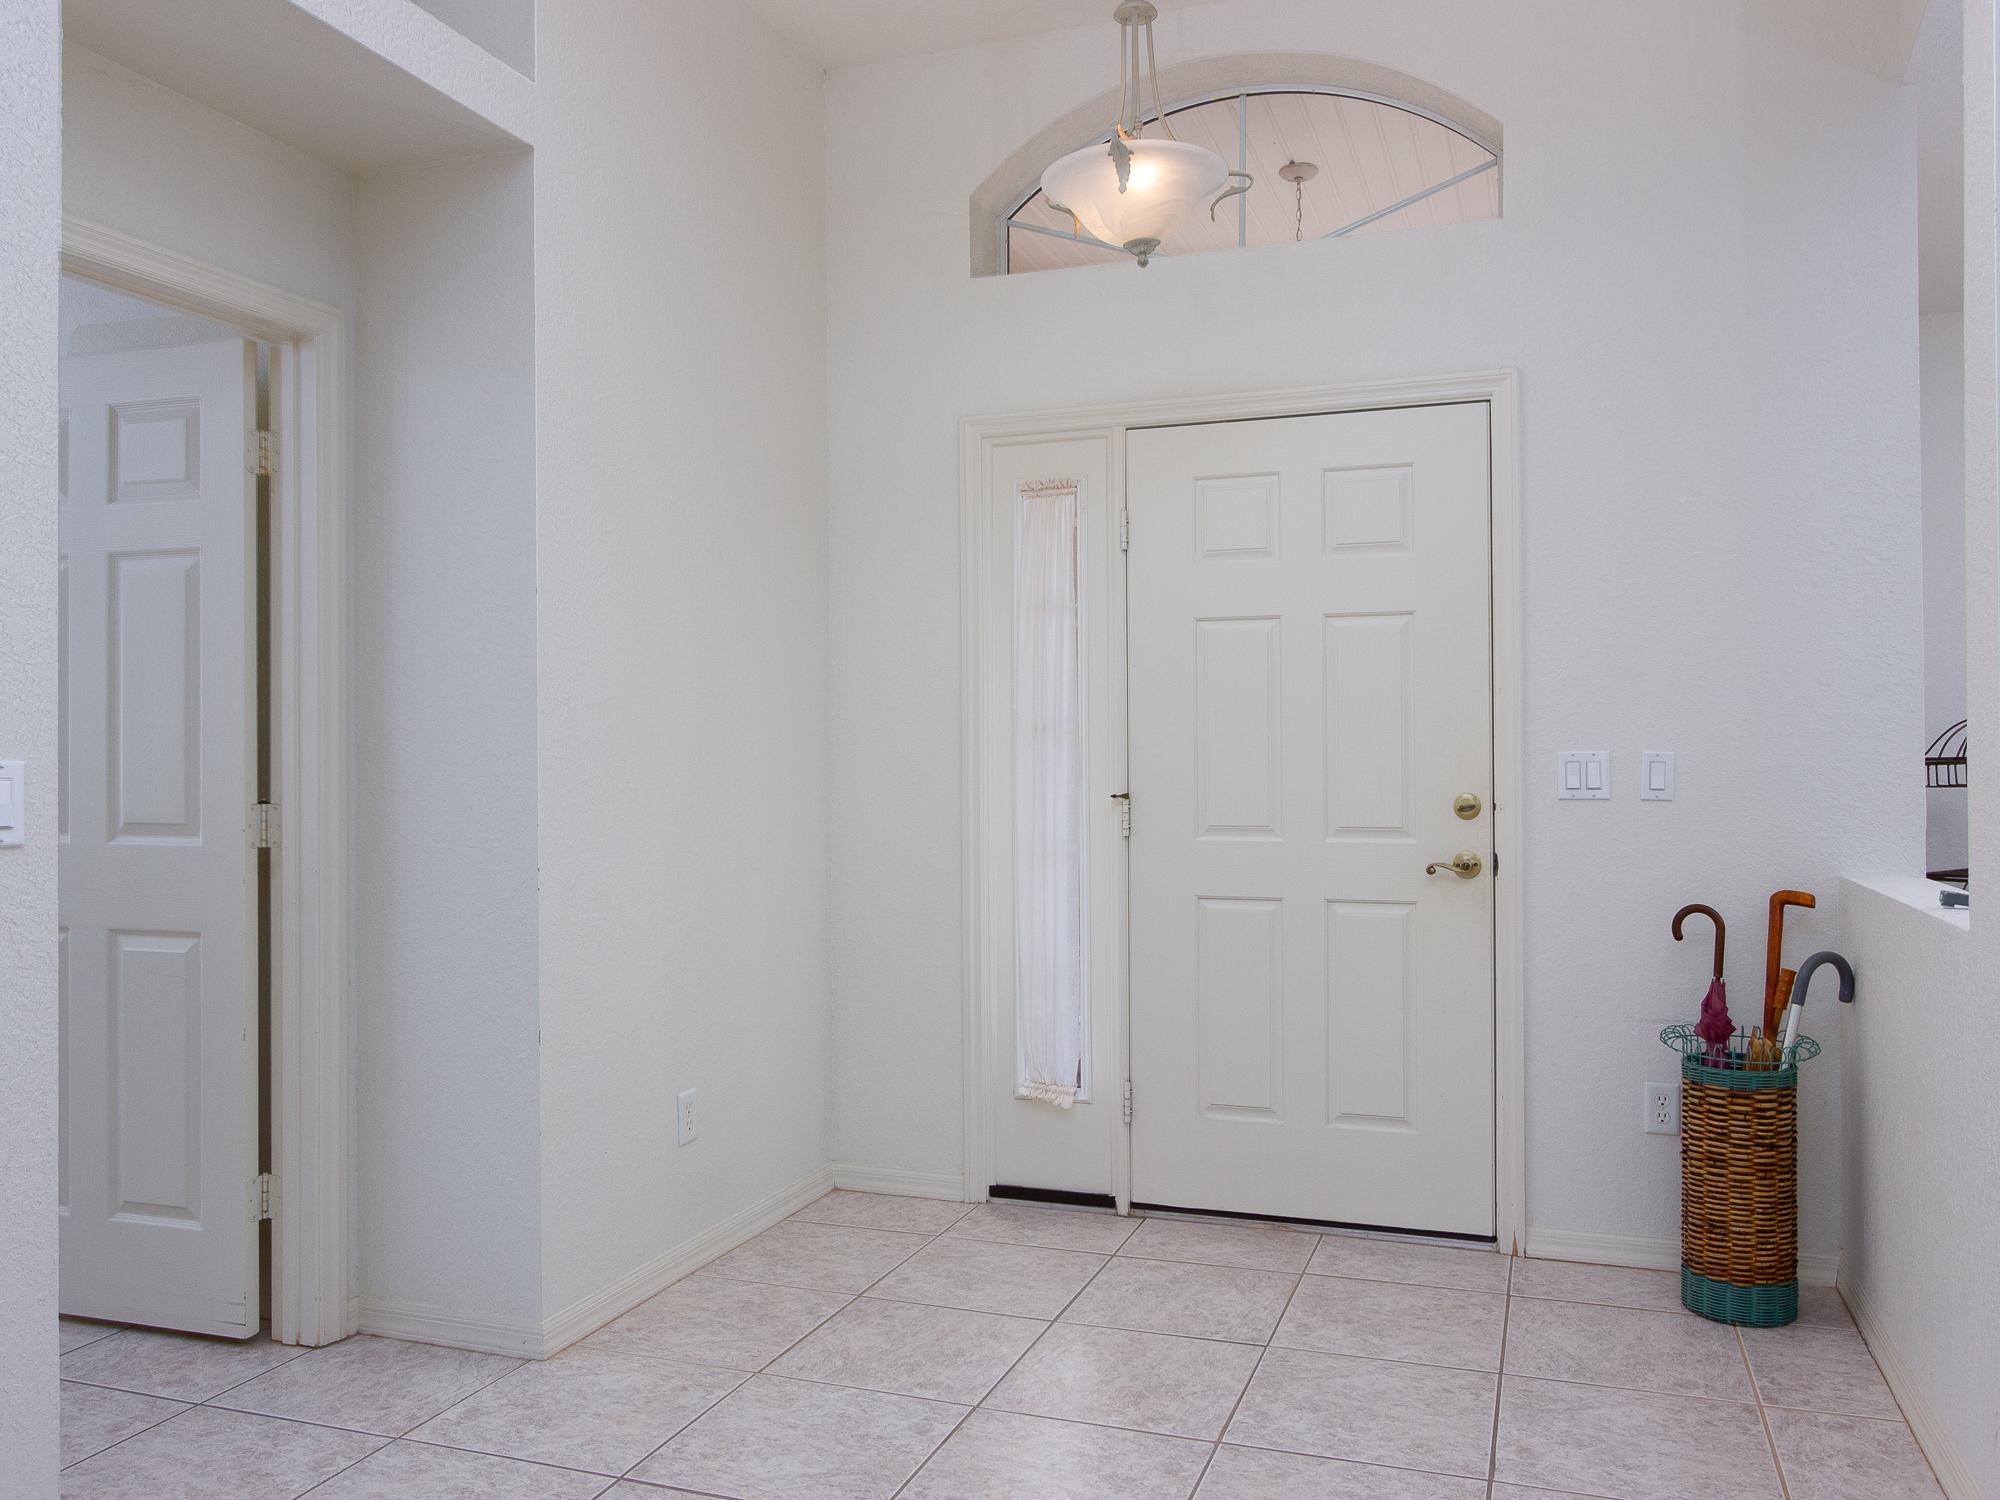 17431-SE-110th-Terrace-Summerfield-FL-34491-122-of-39